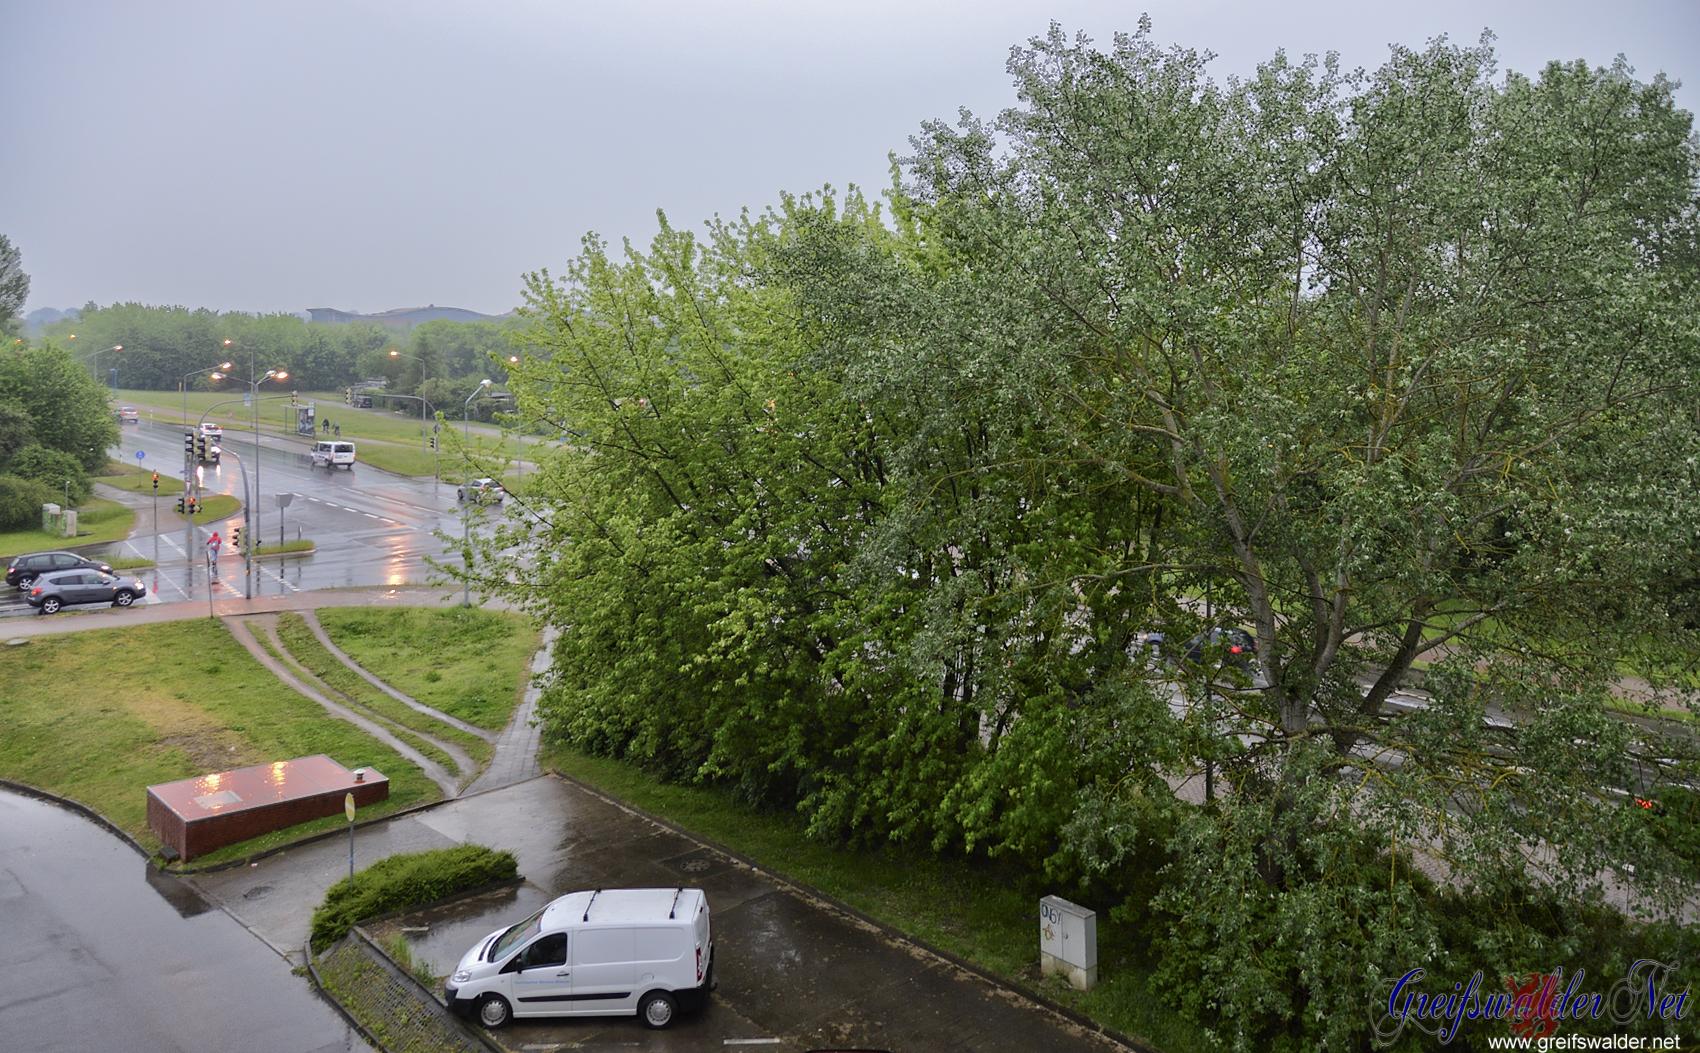 12 Uhr mittags in Greifswald